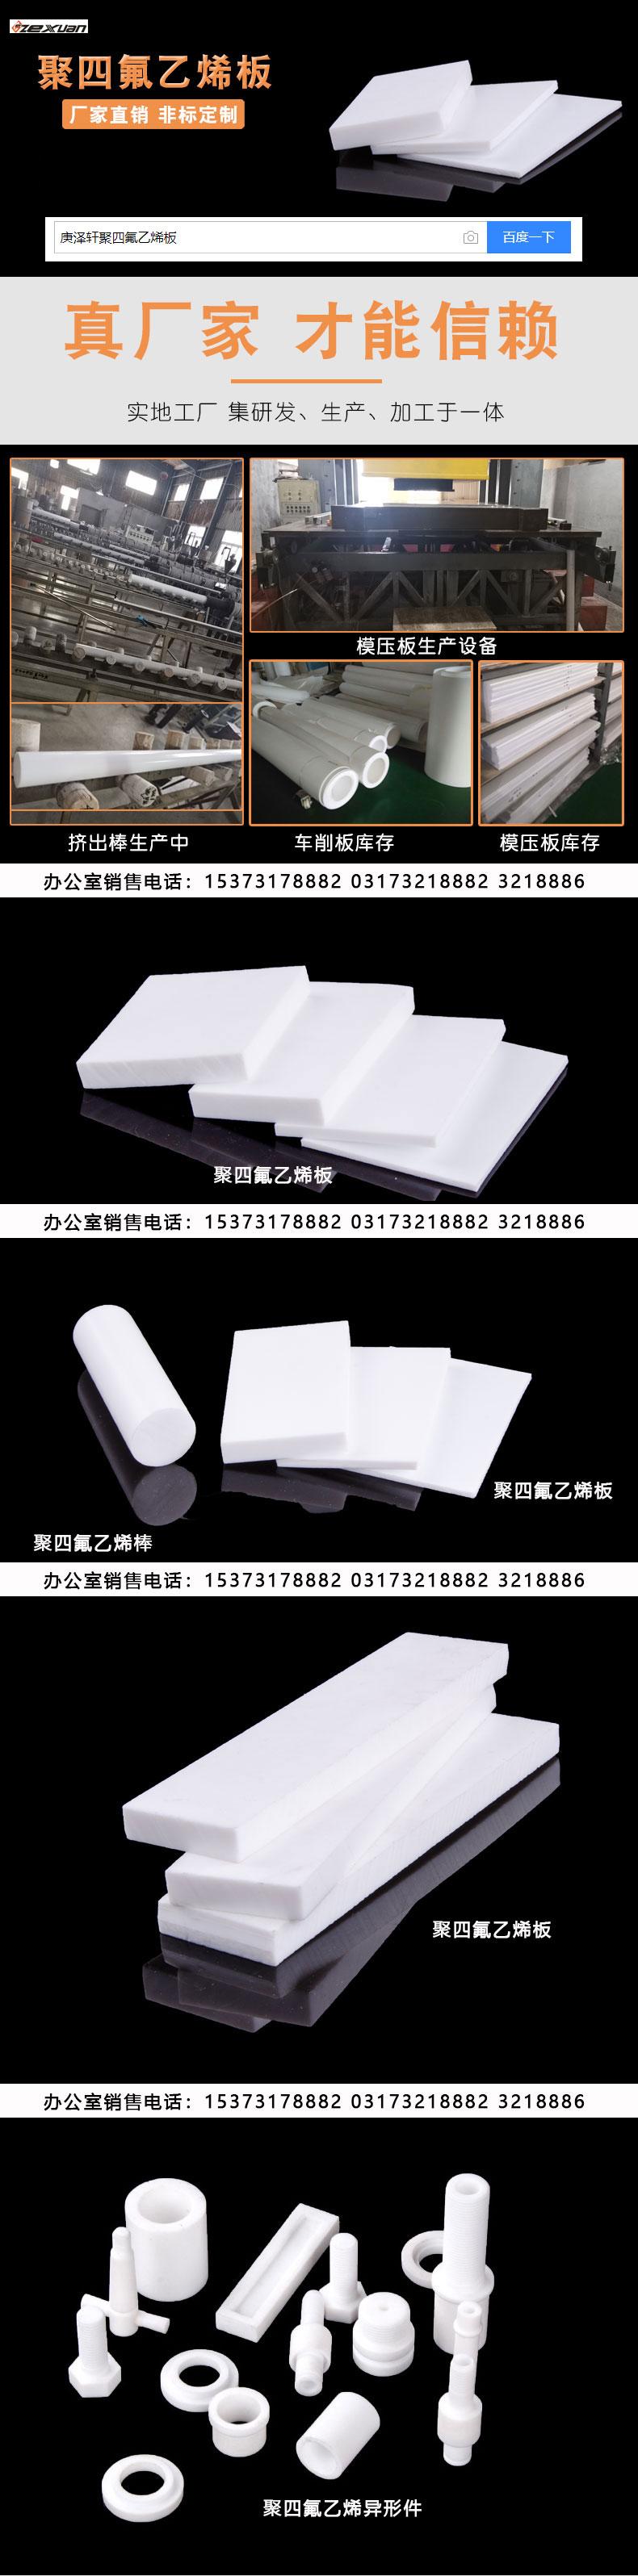 聚四氟乙烯板,聚四氟乙烯板厂家,聚四氟乙烯板楼梯专用,聚四氟乙烯板生产厂家